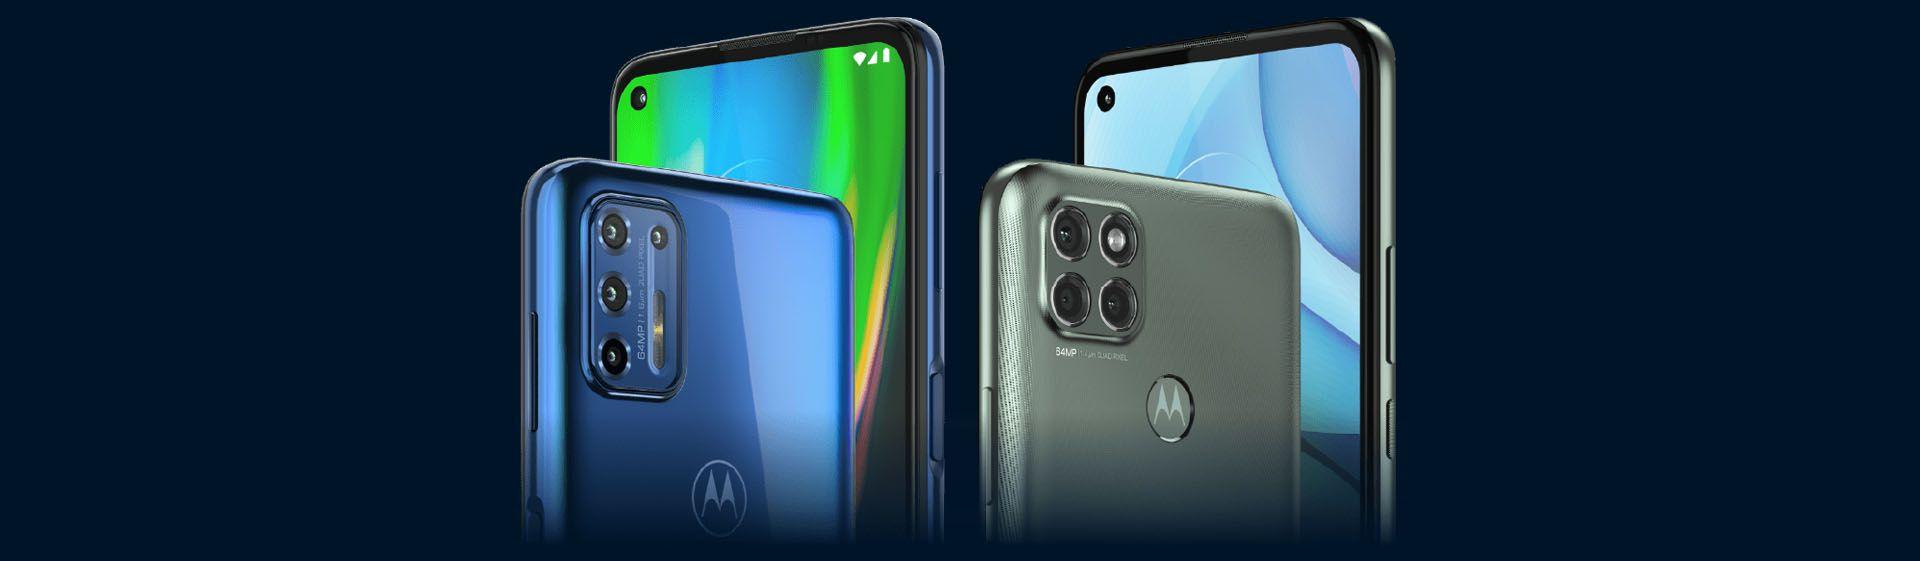 Moto G9 Plus vs Moto G9 Power: comparamos os dois celulares Motorola